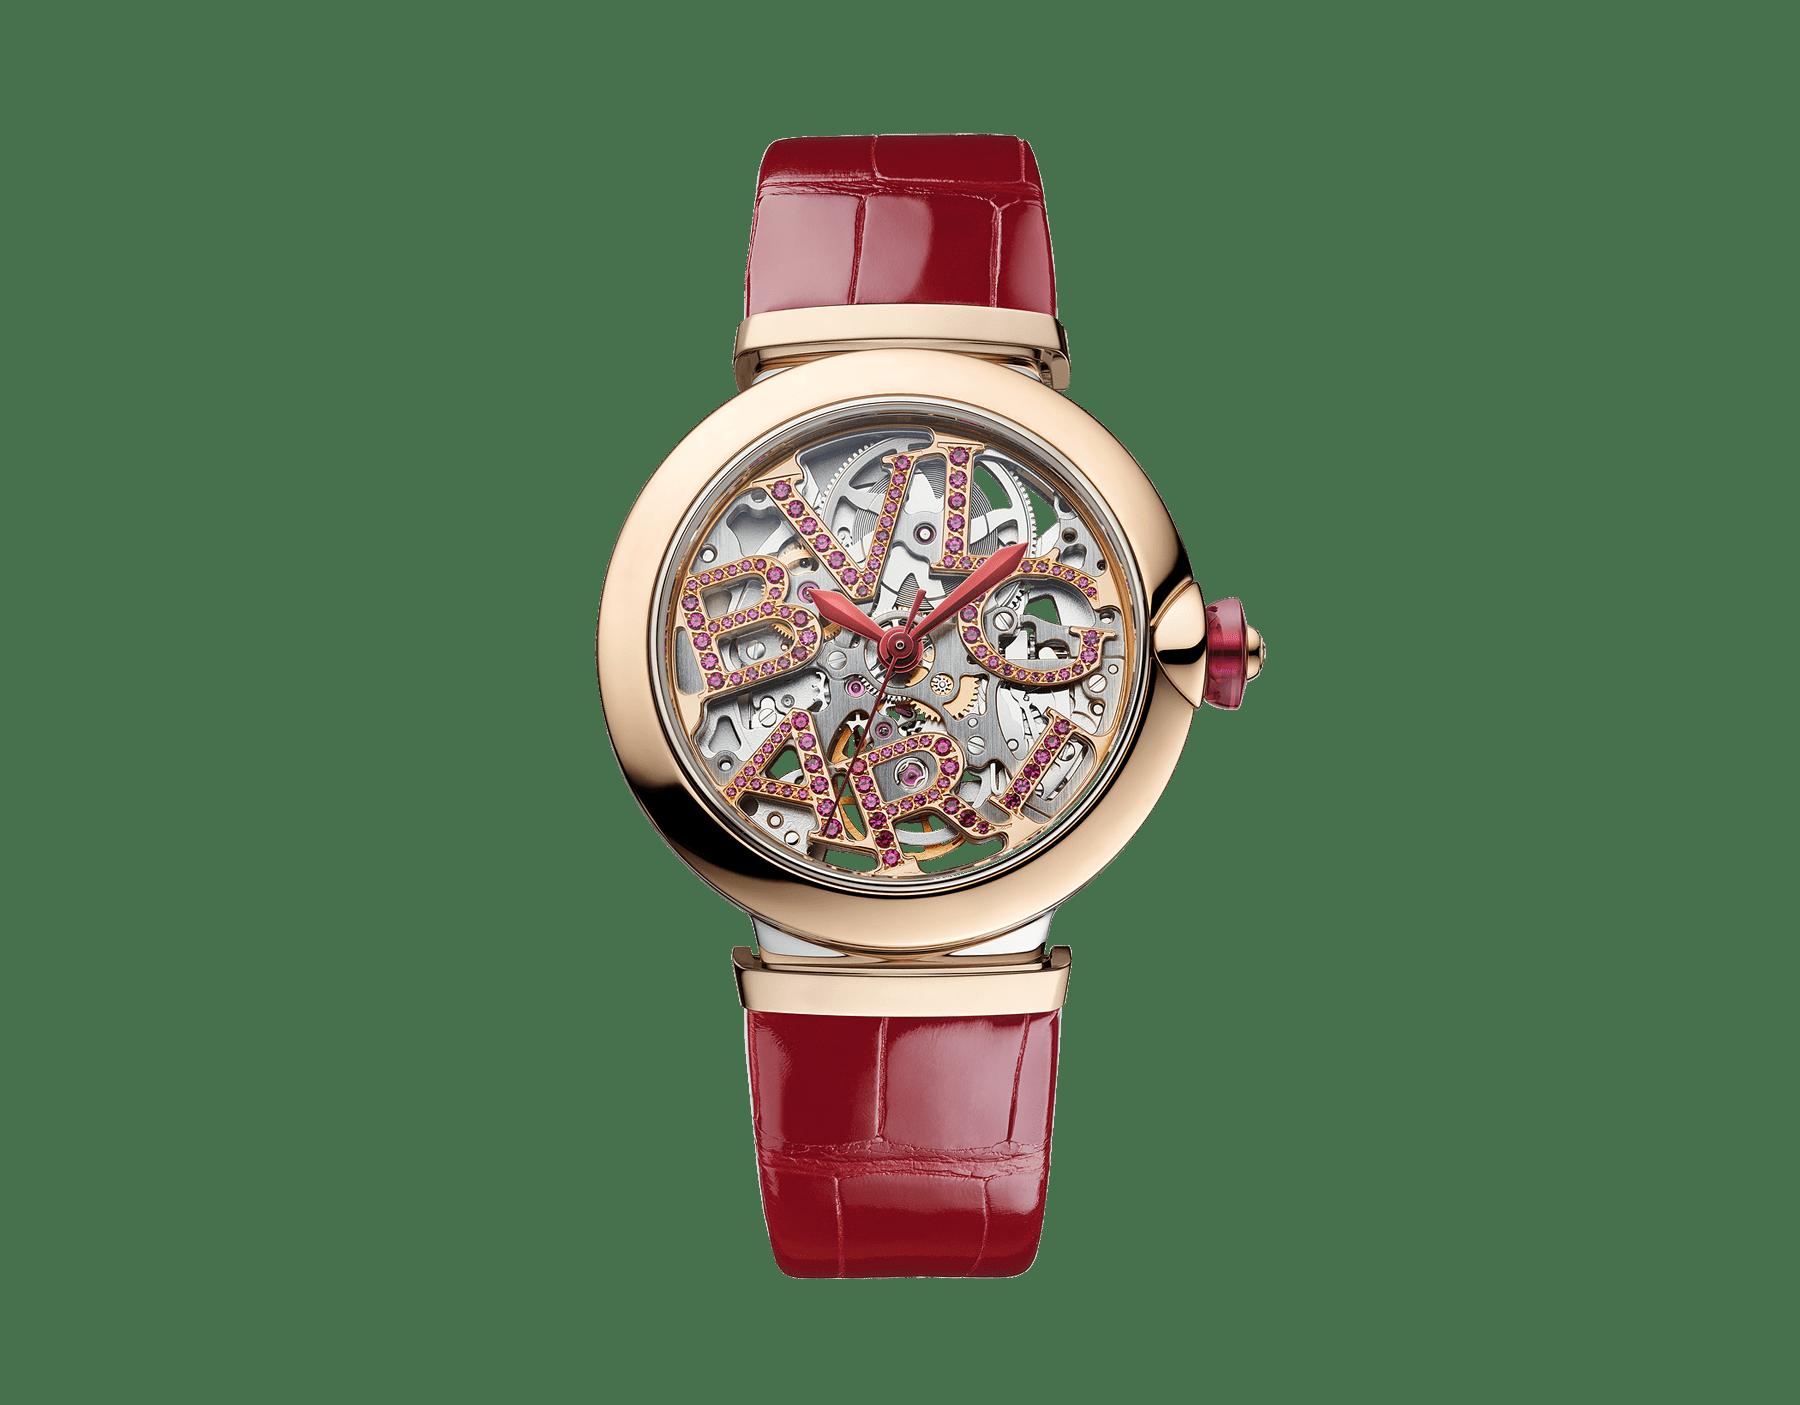 Relógio LVCEA Skeleton com movimento mecânico, corda automática e execução esqueletizada, caixa em aço, bezel em ouro rosa 18K, mostrador com logotipo BVLGARI em aço vazado cravejado com rubis e pulseira em couro de jacaré vermelho 103122 image 1